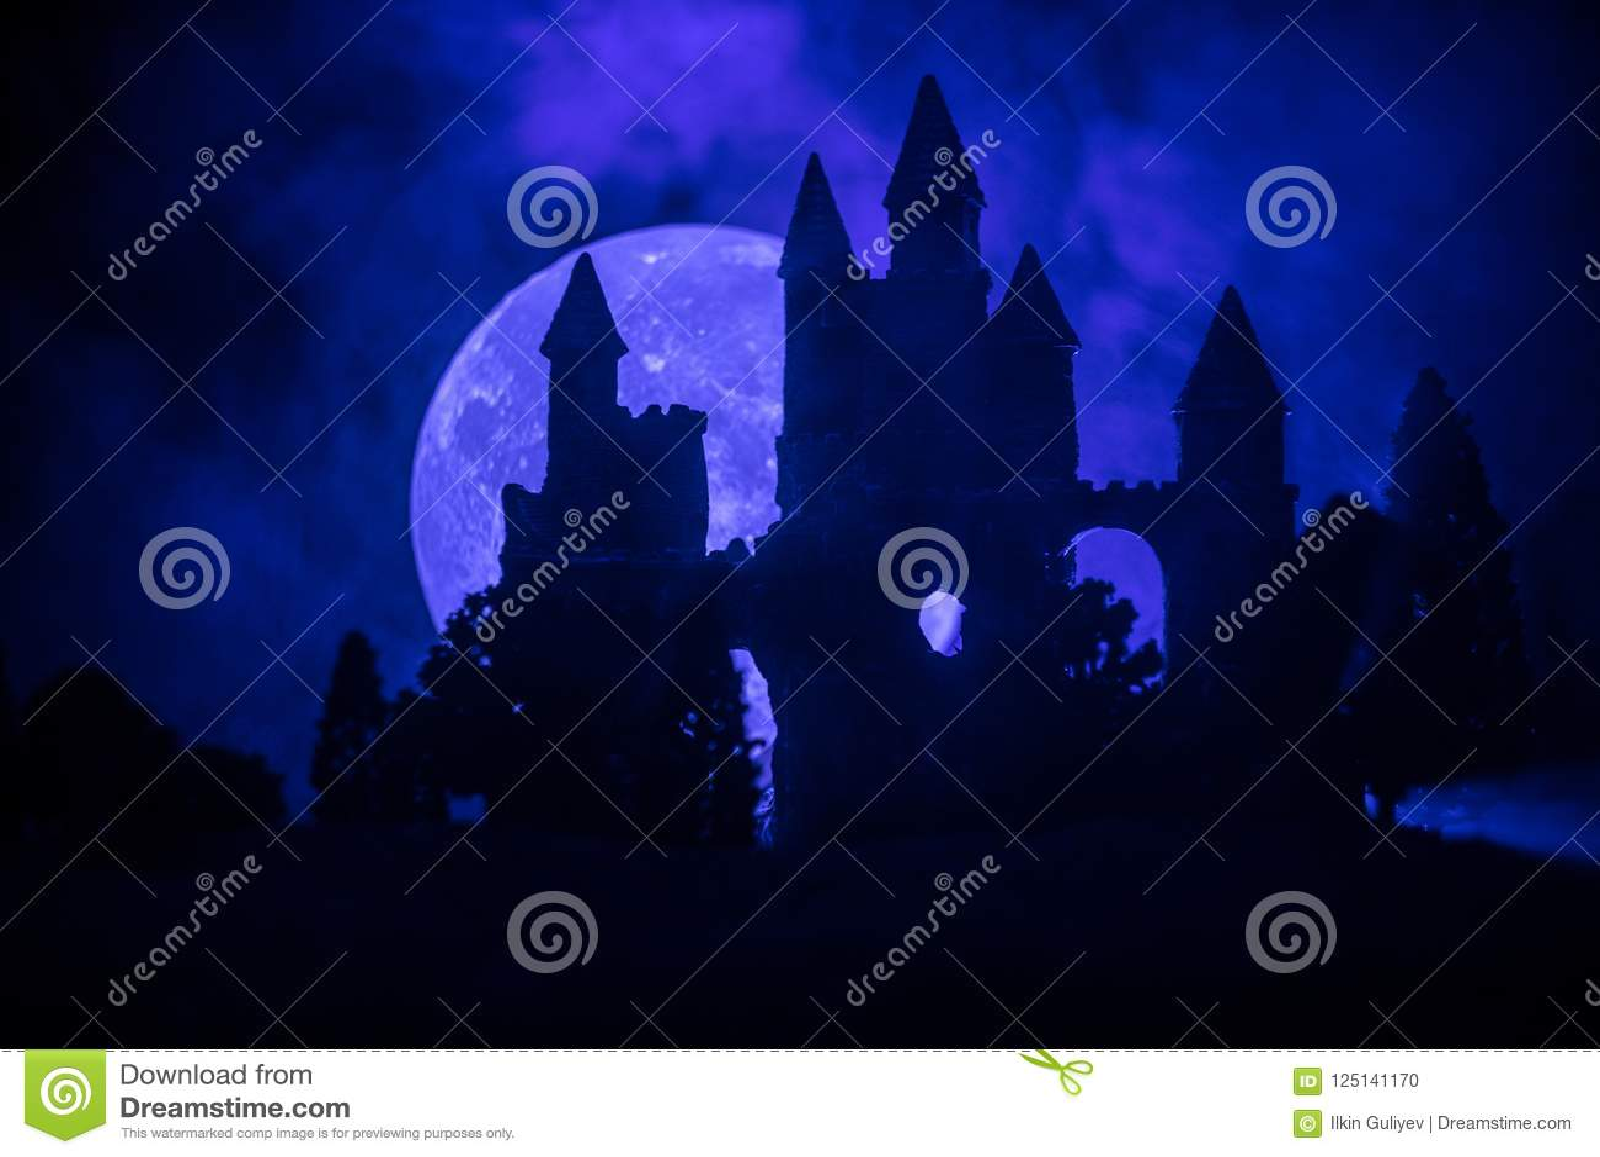 Castello medievale misterioso in una luna piena nebbiosa Vecchio castello abbandonato di stile gotico alla notte